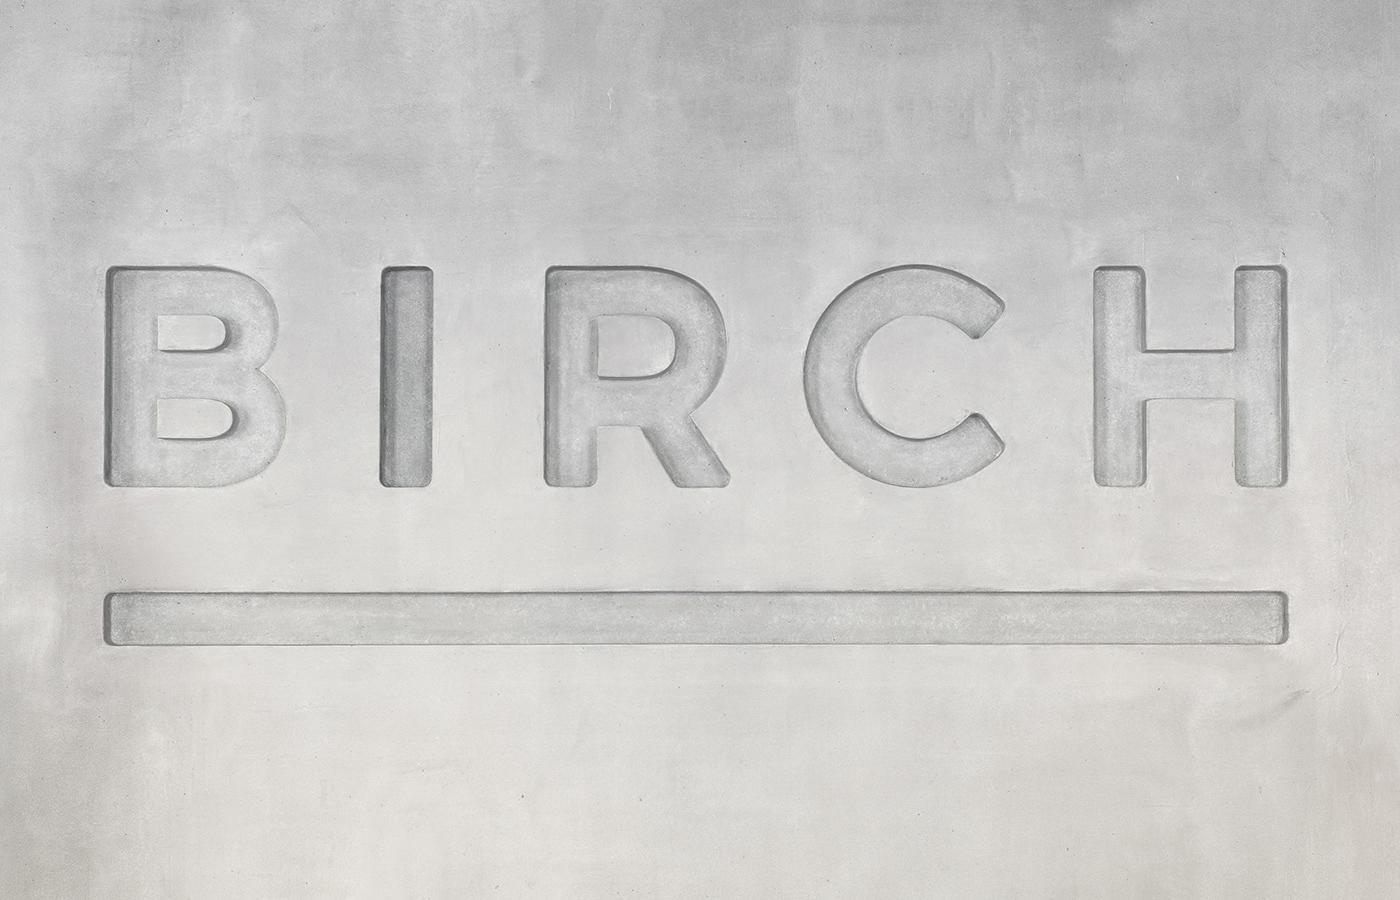 wood concrete design Interior modern birch morenarchitecture Ethnic metal Minimalism